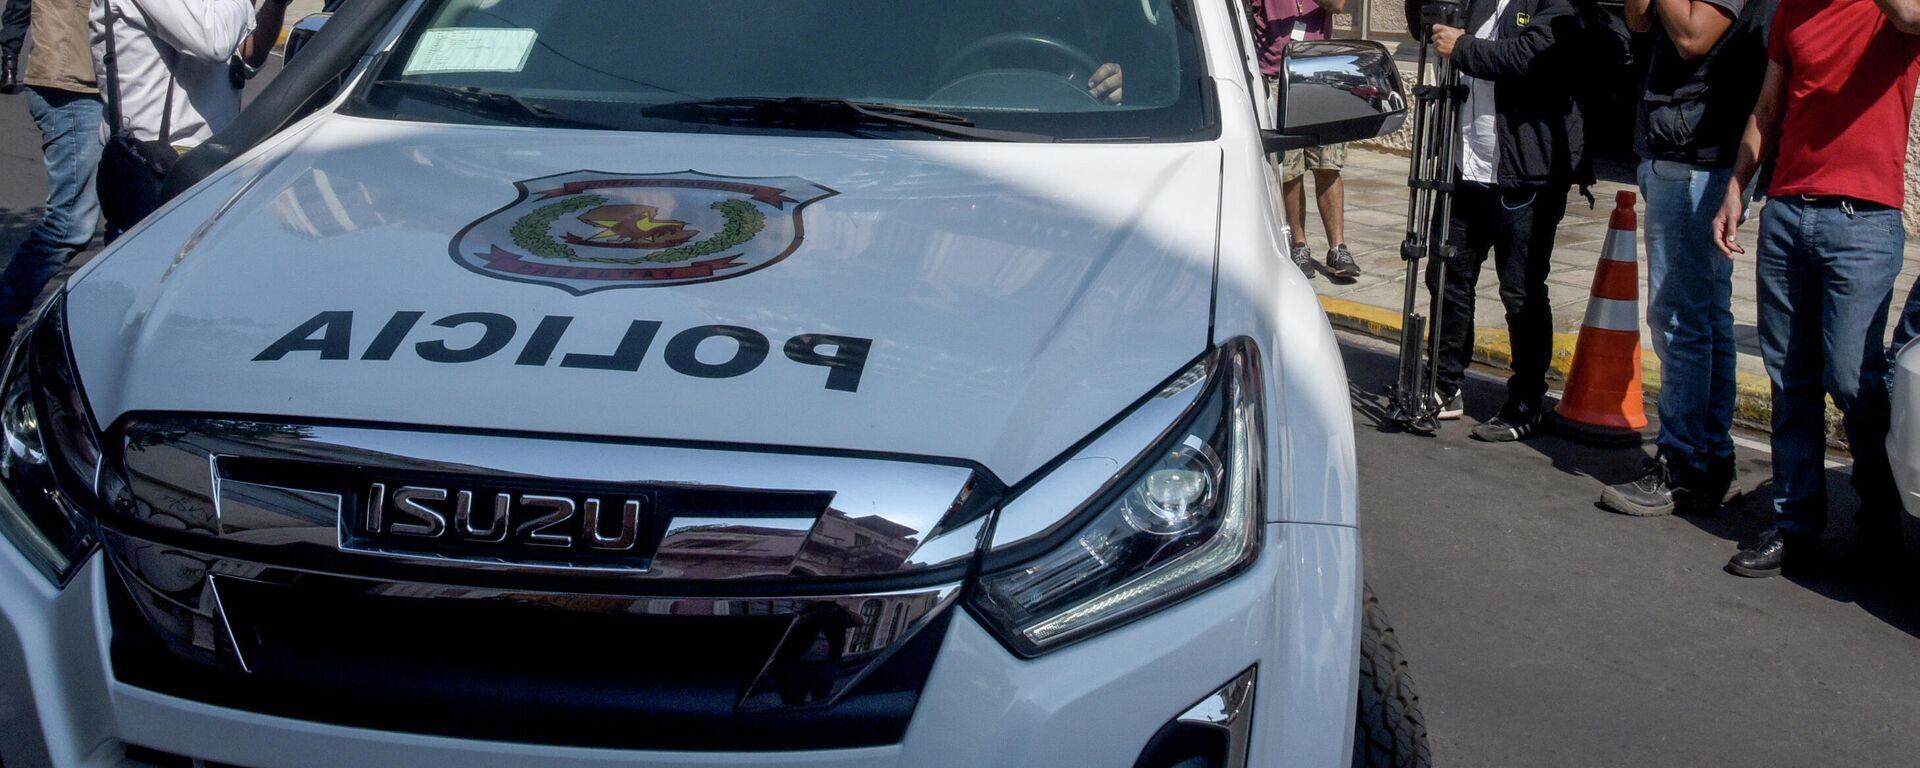 Ein Polizeiauto in Brasilien - SNA, 1920, 25.01.2021